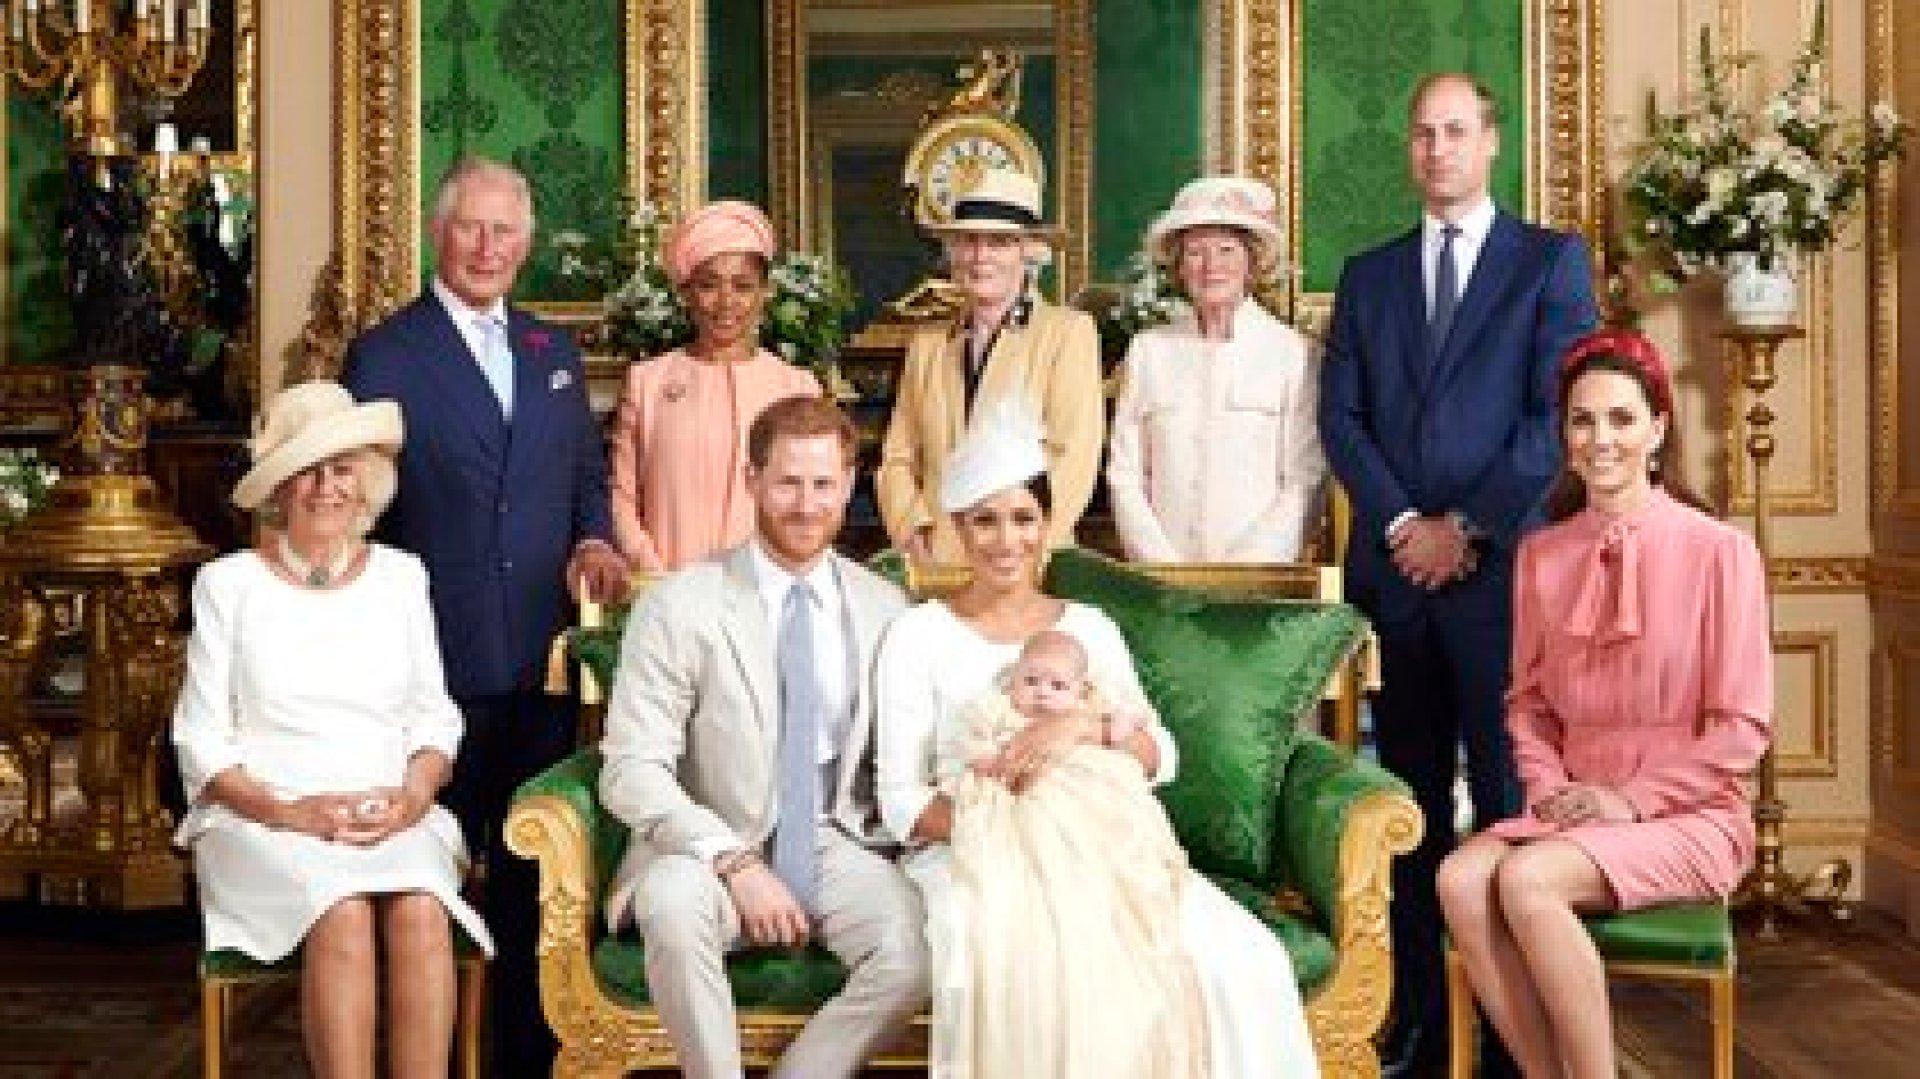 La foto que eligieron compartir los duques de Cambridge para desearle un feliz cumpleaños a Archie, que pronto se convertirá en hermano mayor. Los duques de Sussex esperan su segundo hijo (AP)